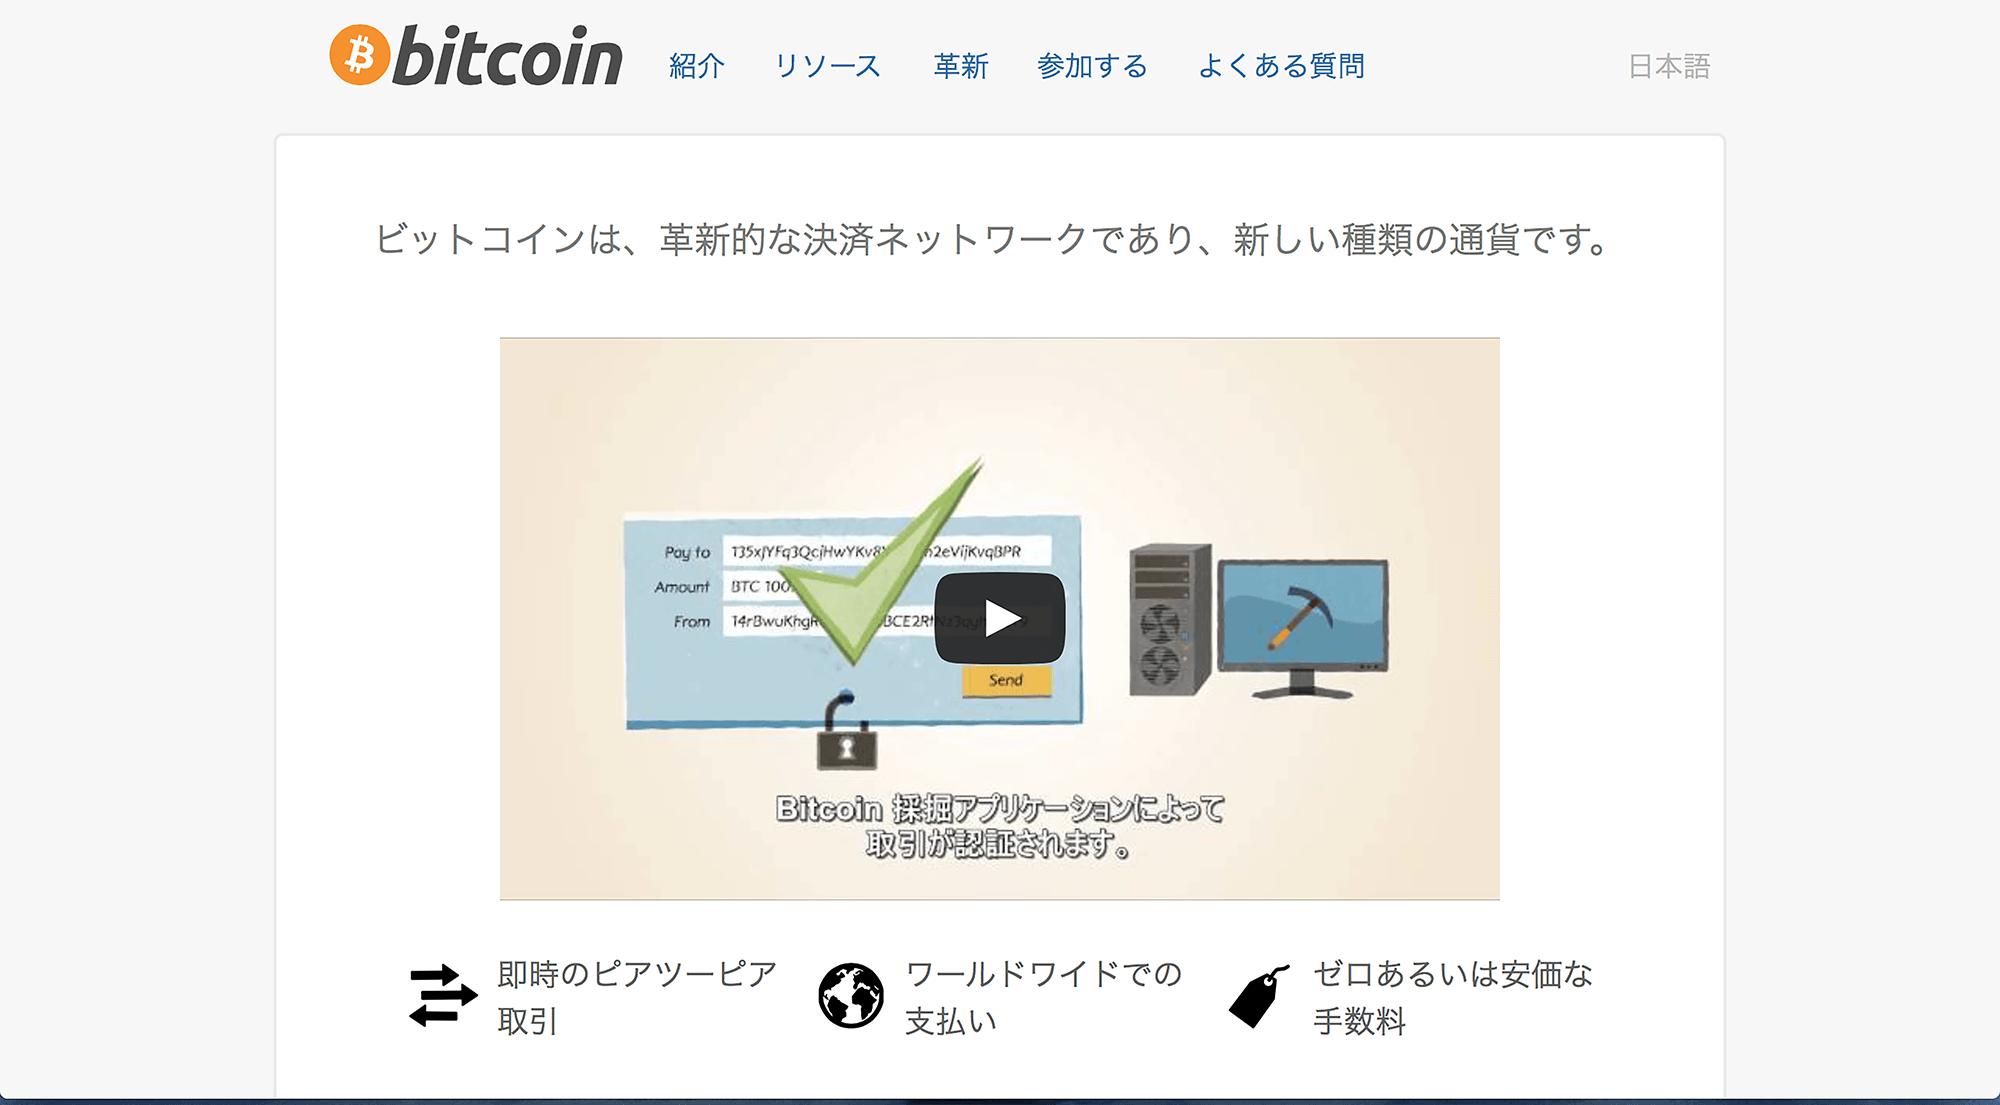 bitcoinHP